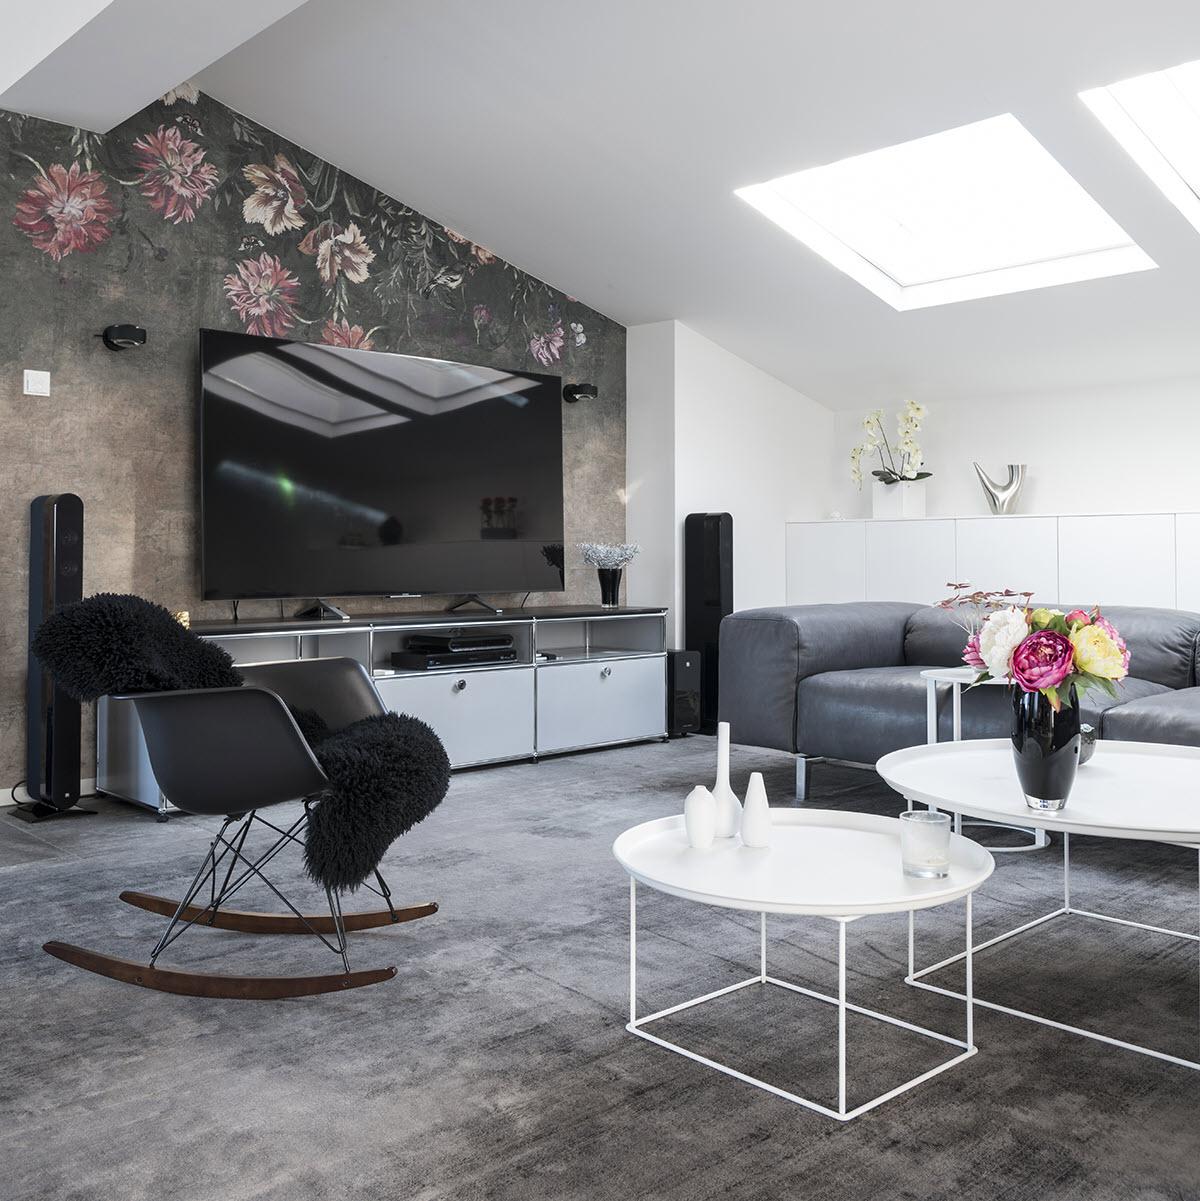 referenz-penthouse-nuernberg-vorschau-2